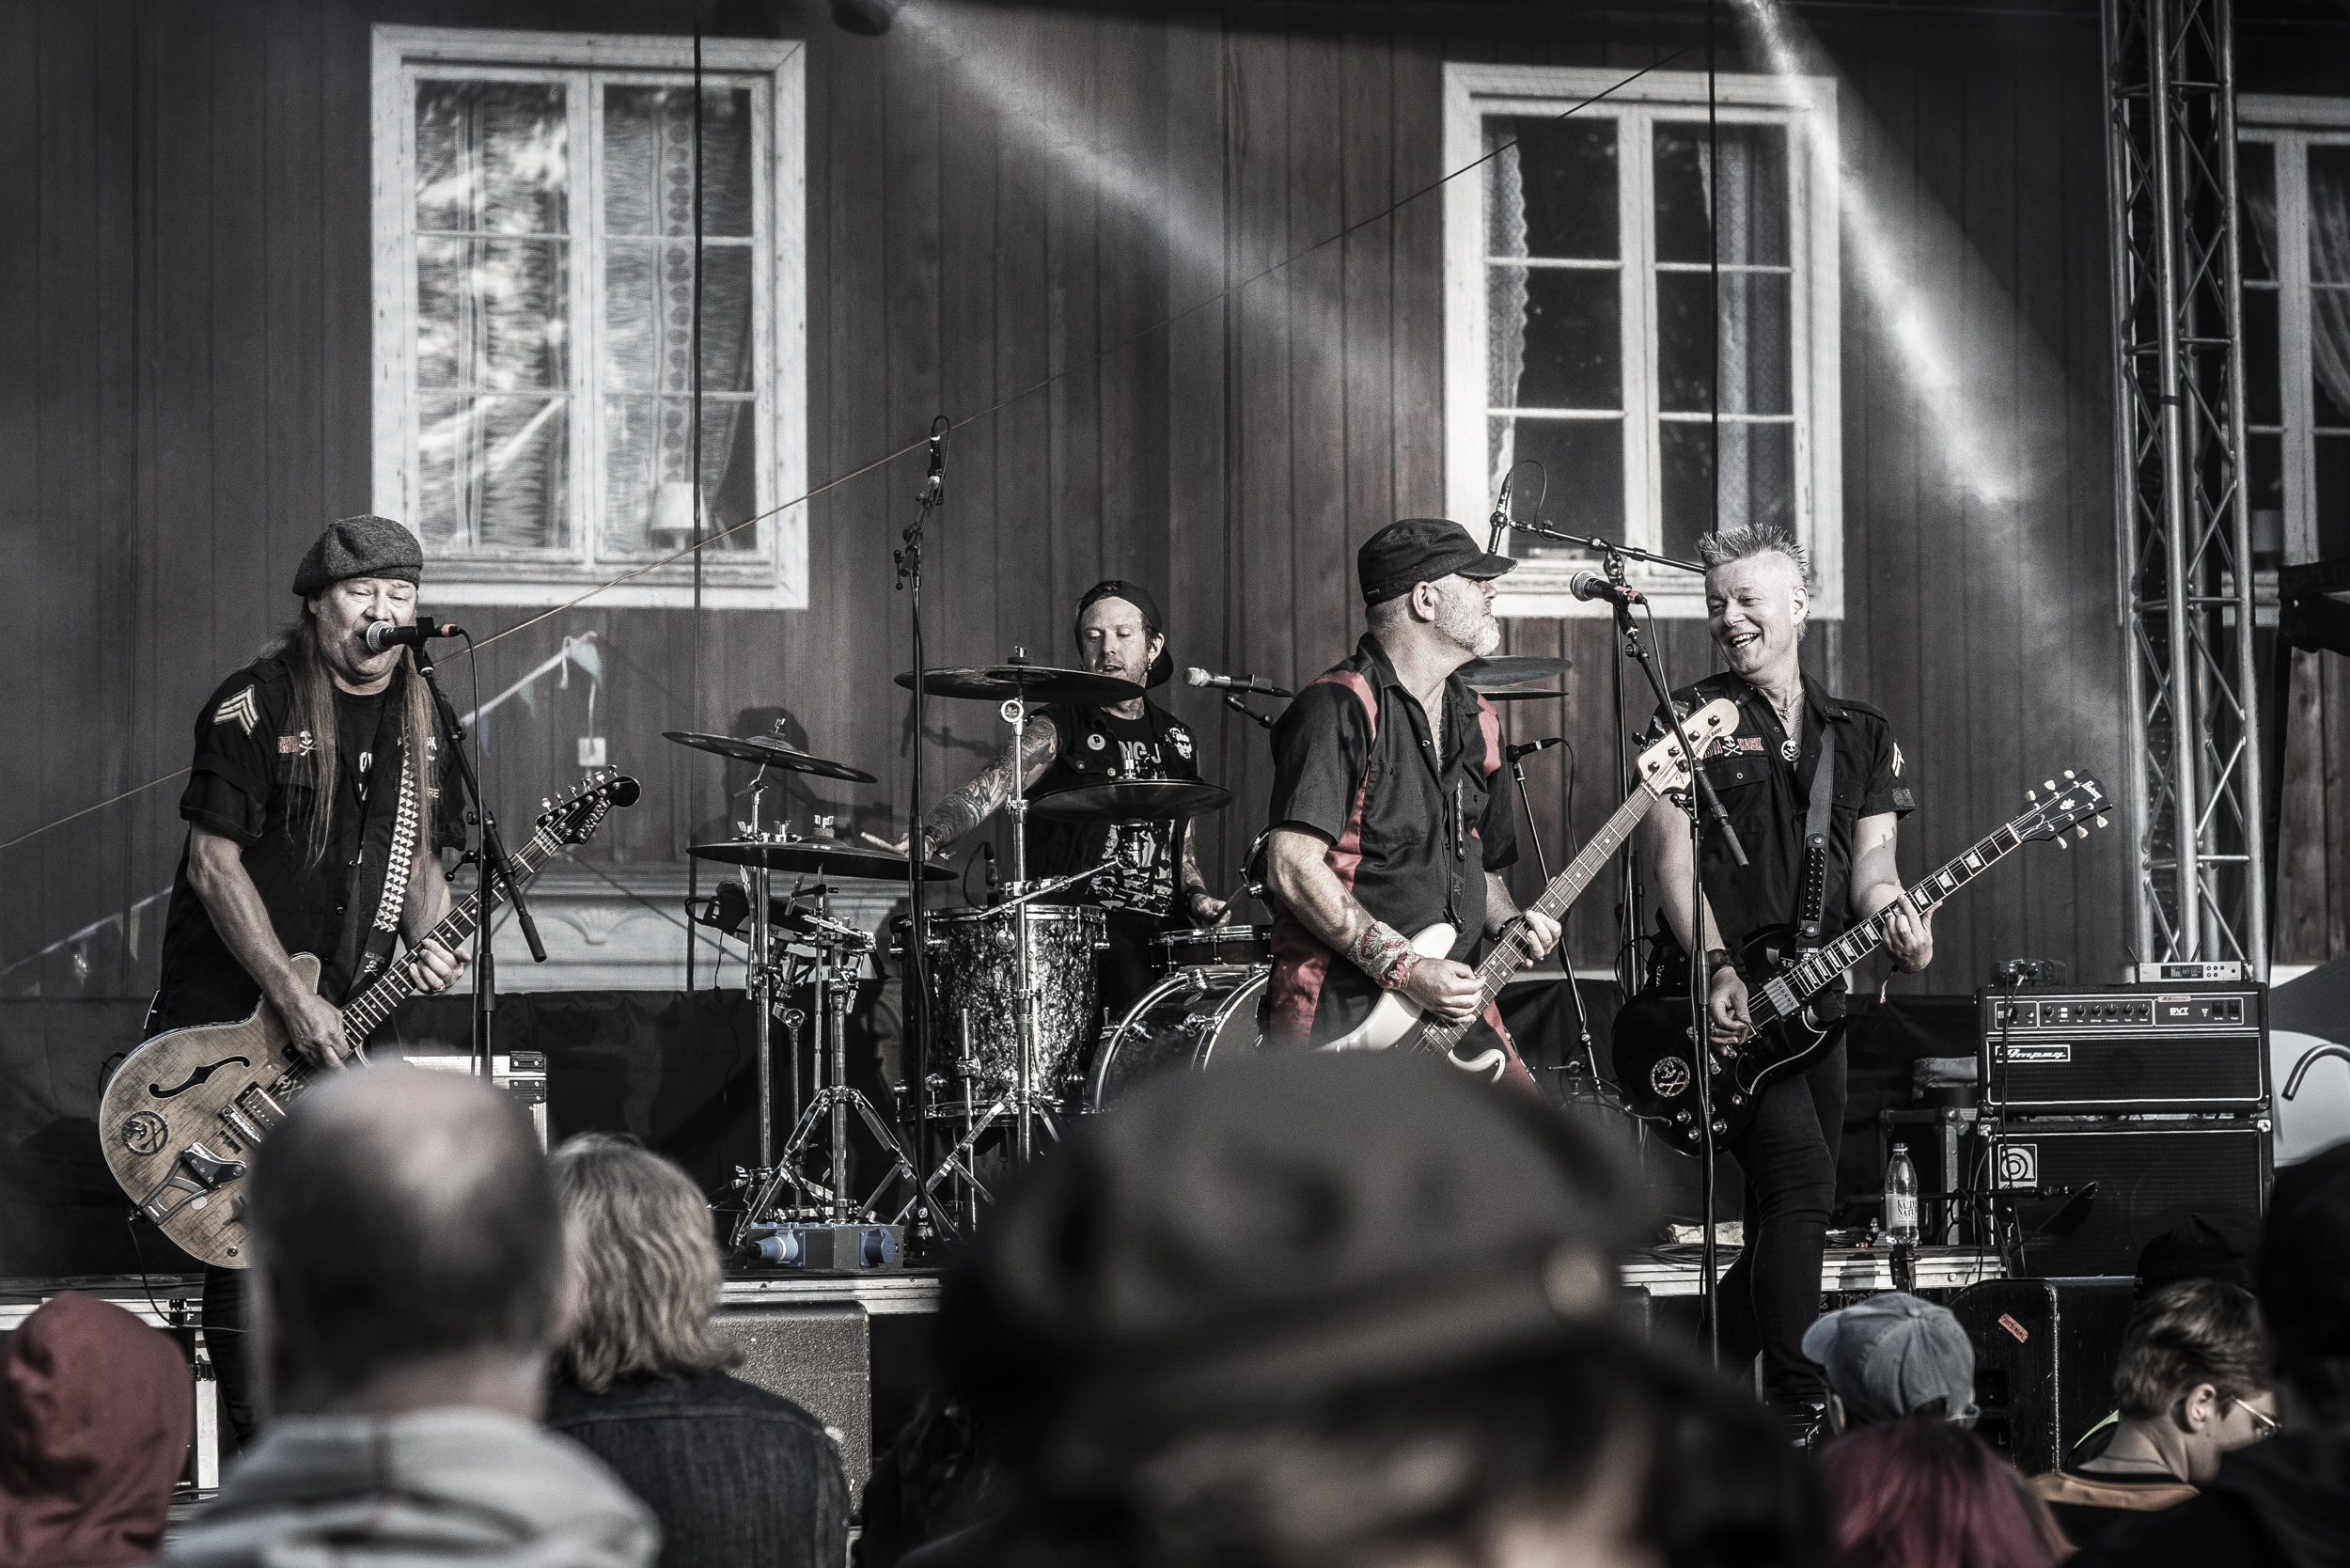 Asta Kask, Musikens Makt 2019.